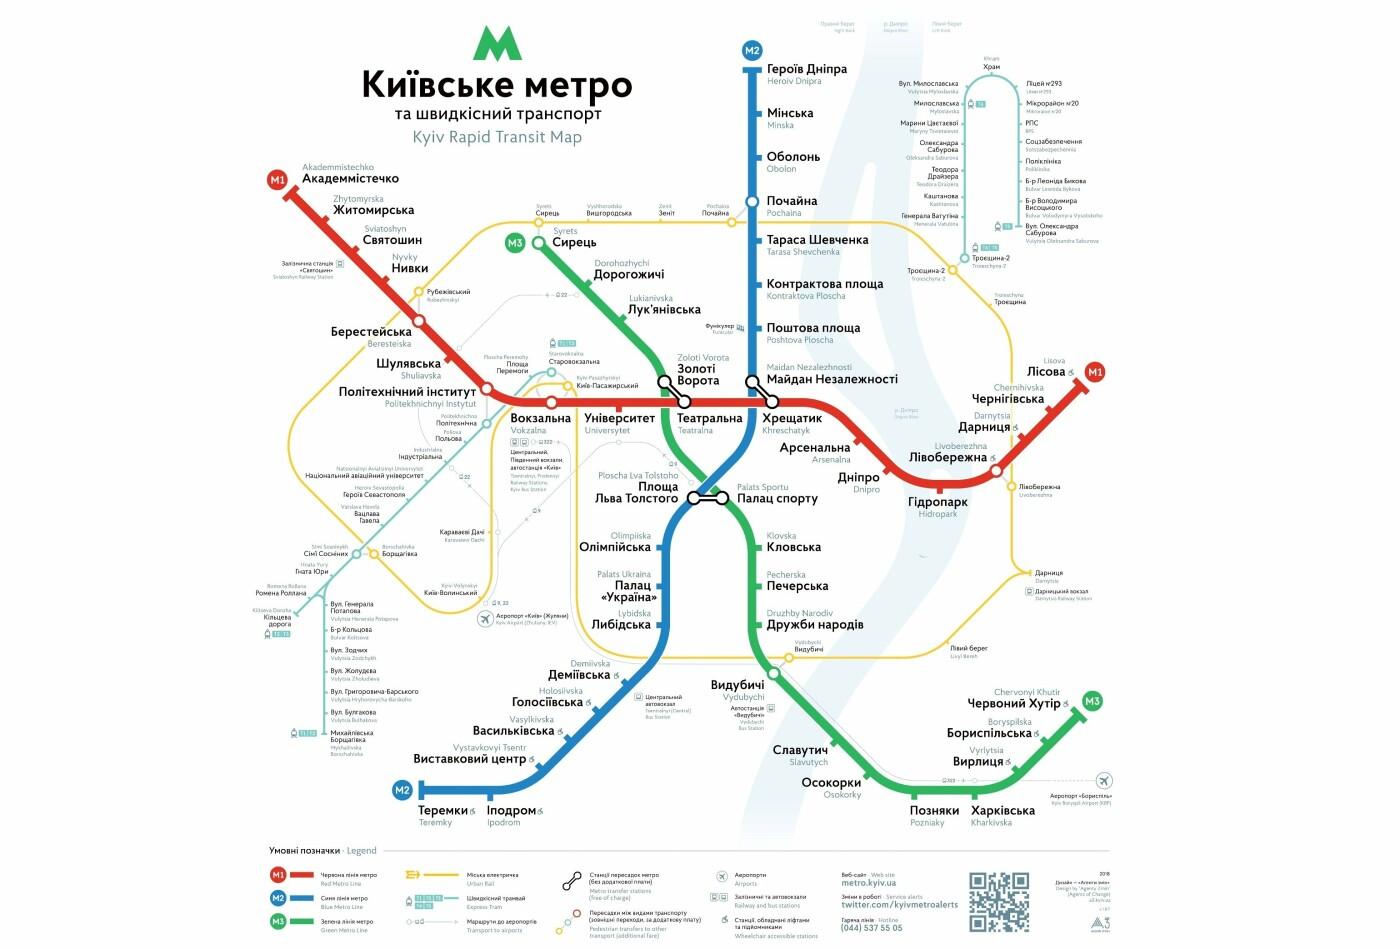 ТОП-15 вопросов о Киевском метрополитене, которые вы хотели задать, - ФОТО, Фото: Википедия